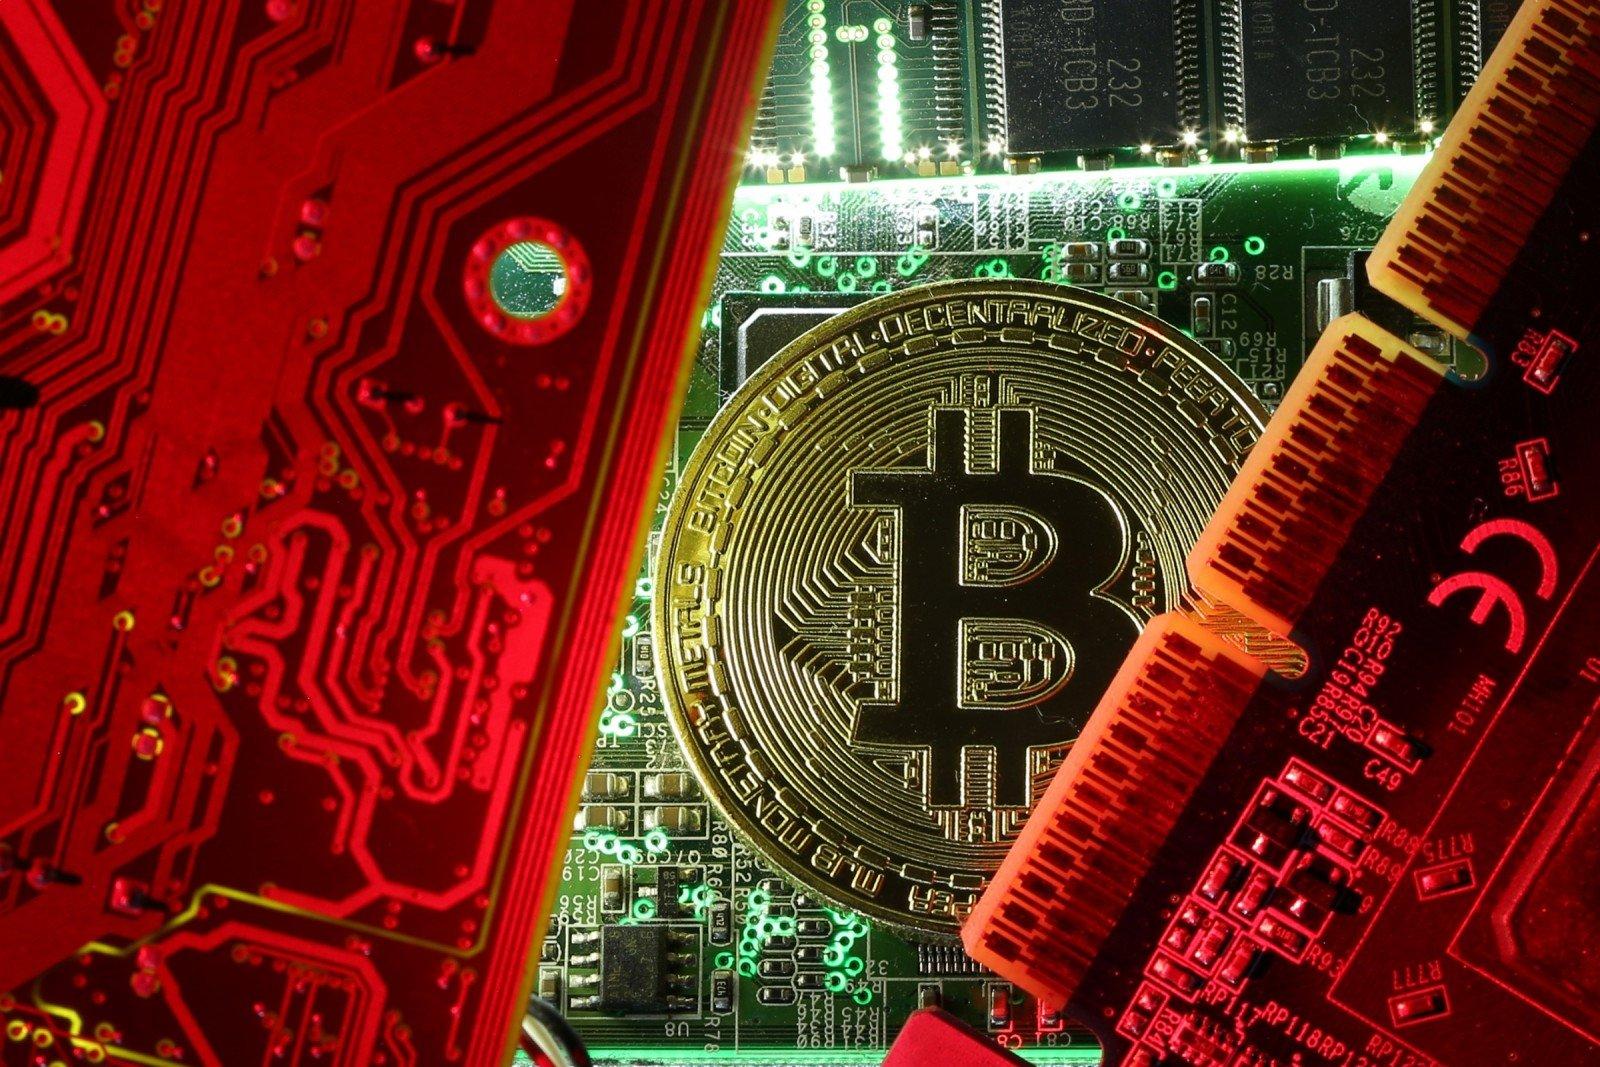 kaip investuoti pinigus į bitkoinus